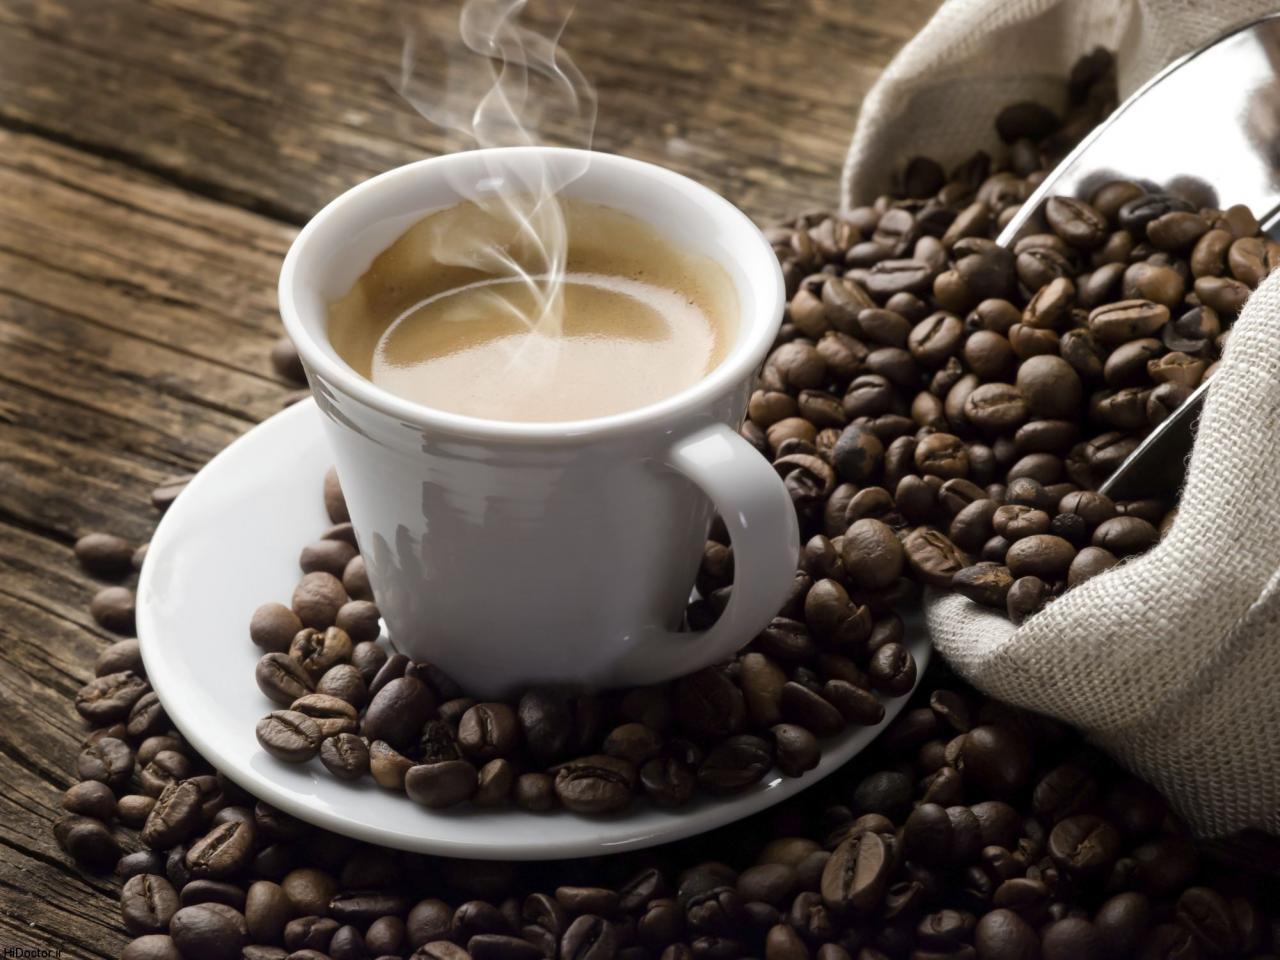 فواید غیرمنتظره یک فنجان قهوه برای مبتلایان به سرطان روده بزرگ|خبر فوری